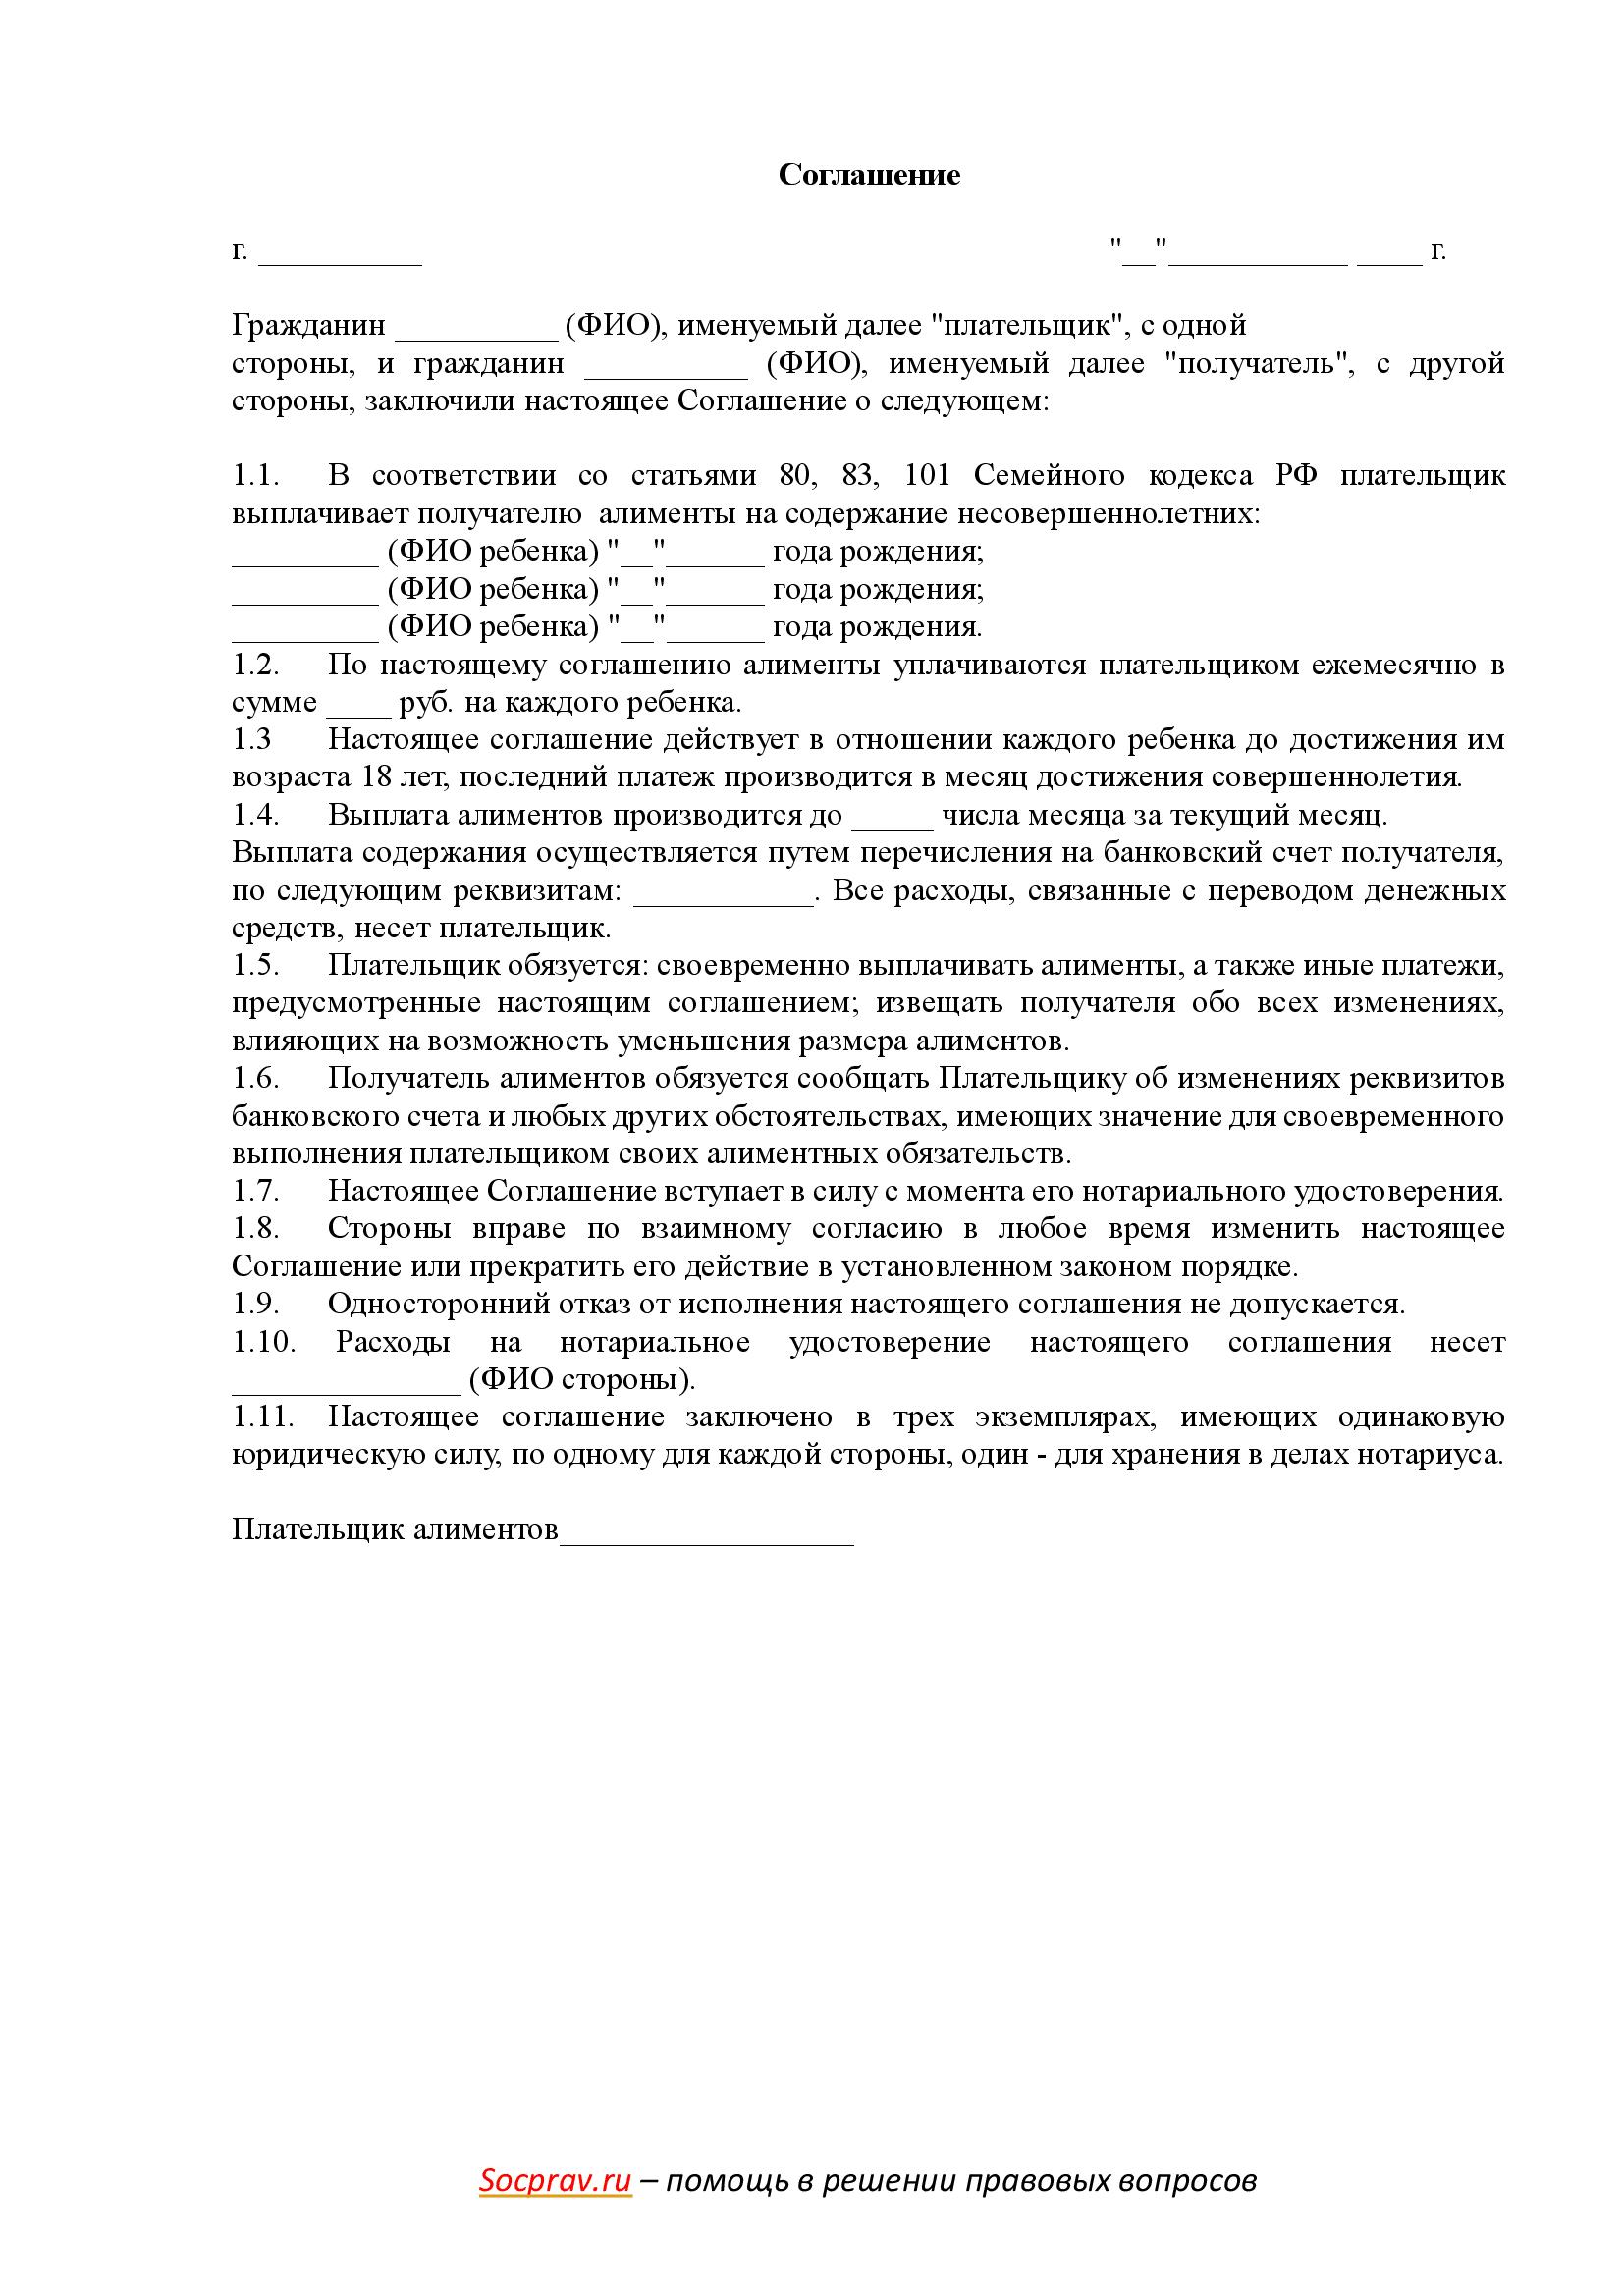 Соглашение об уплате алиментов в твердой денежной сумме